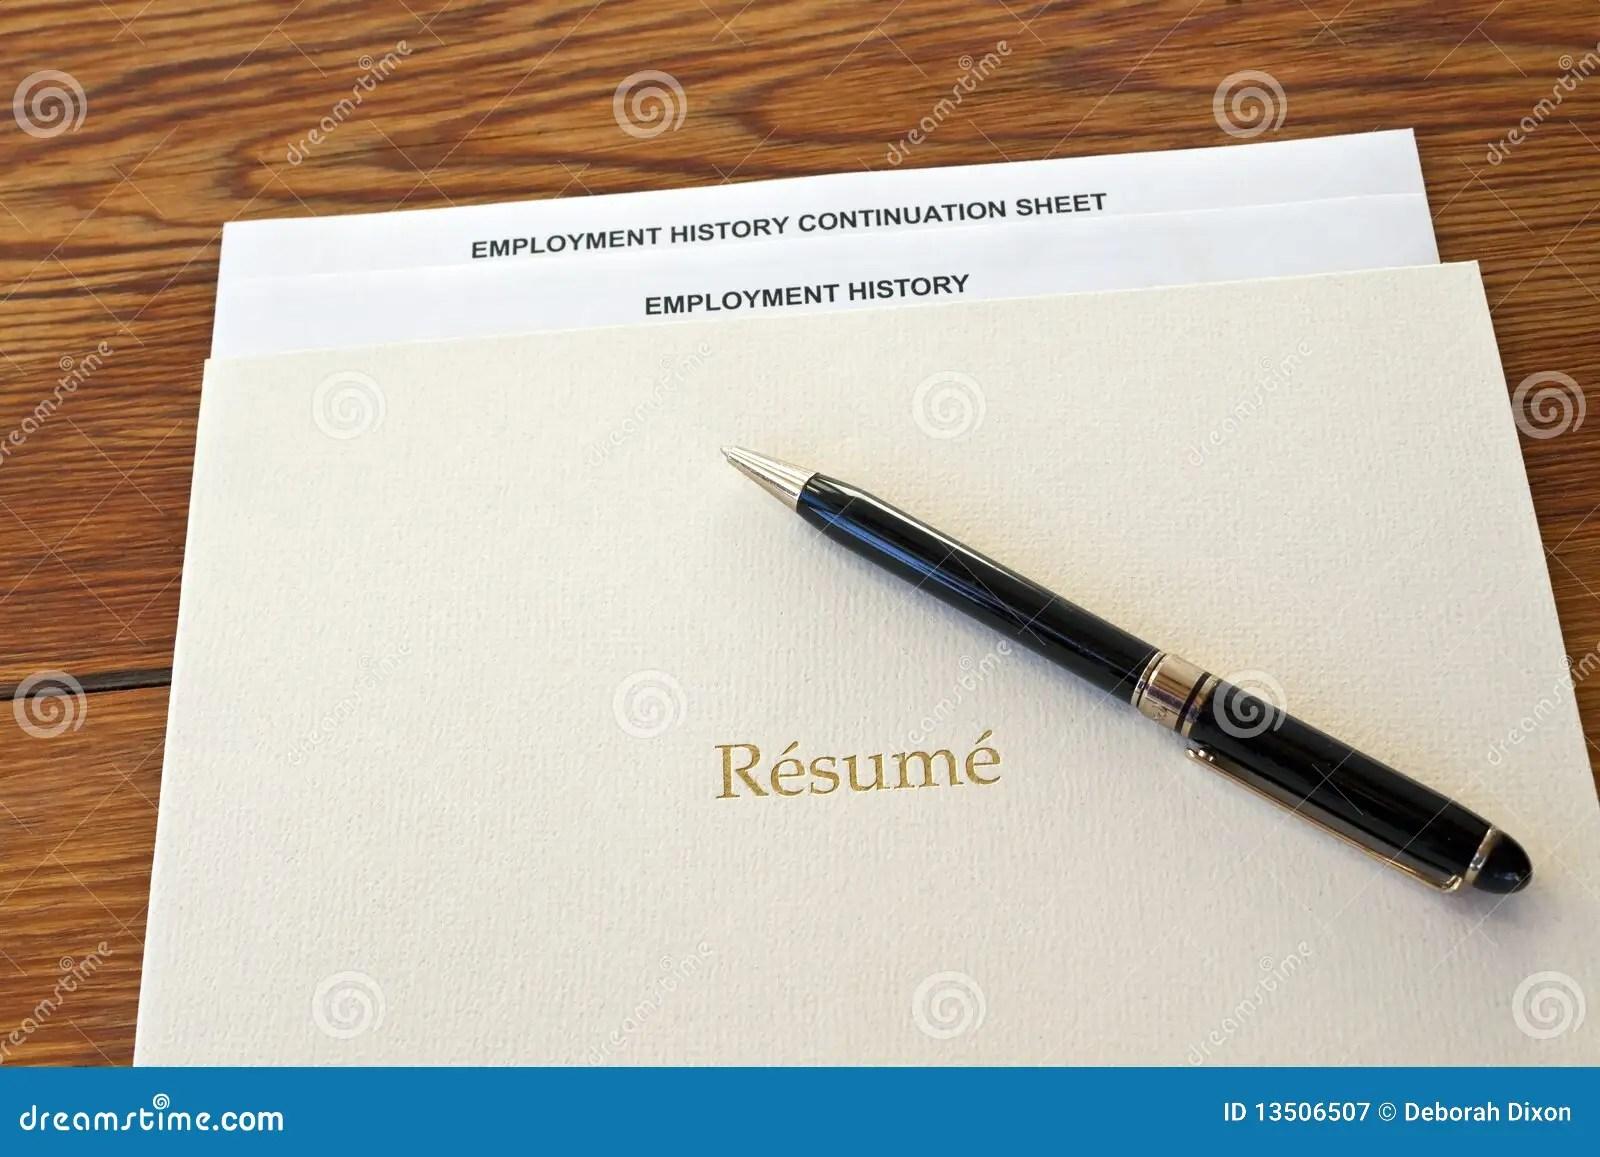 Resume Folder For Interview